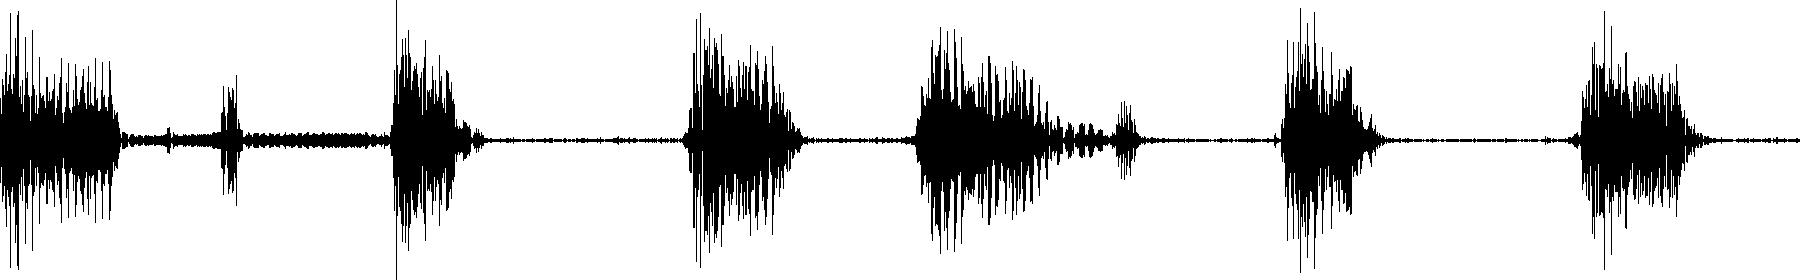 070gtrc 64 128